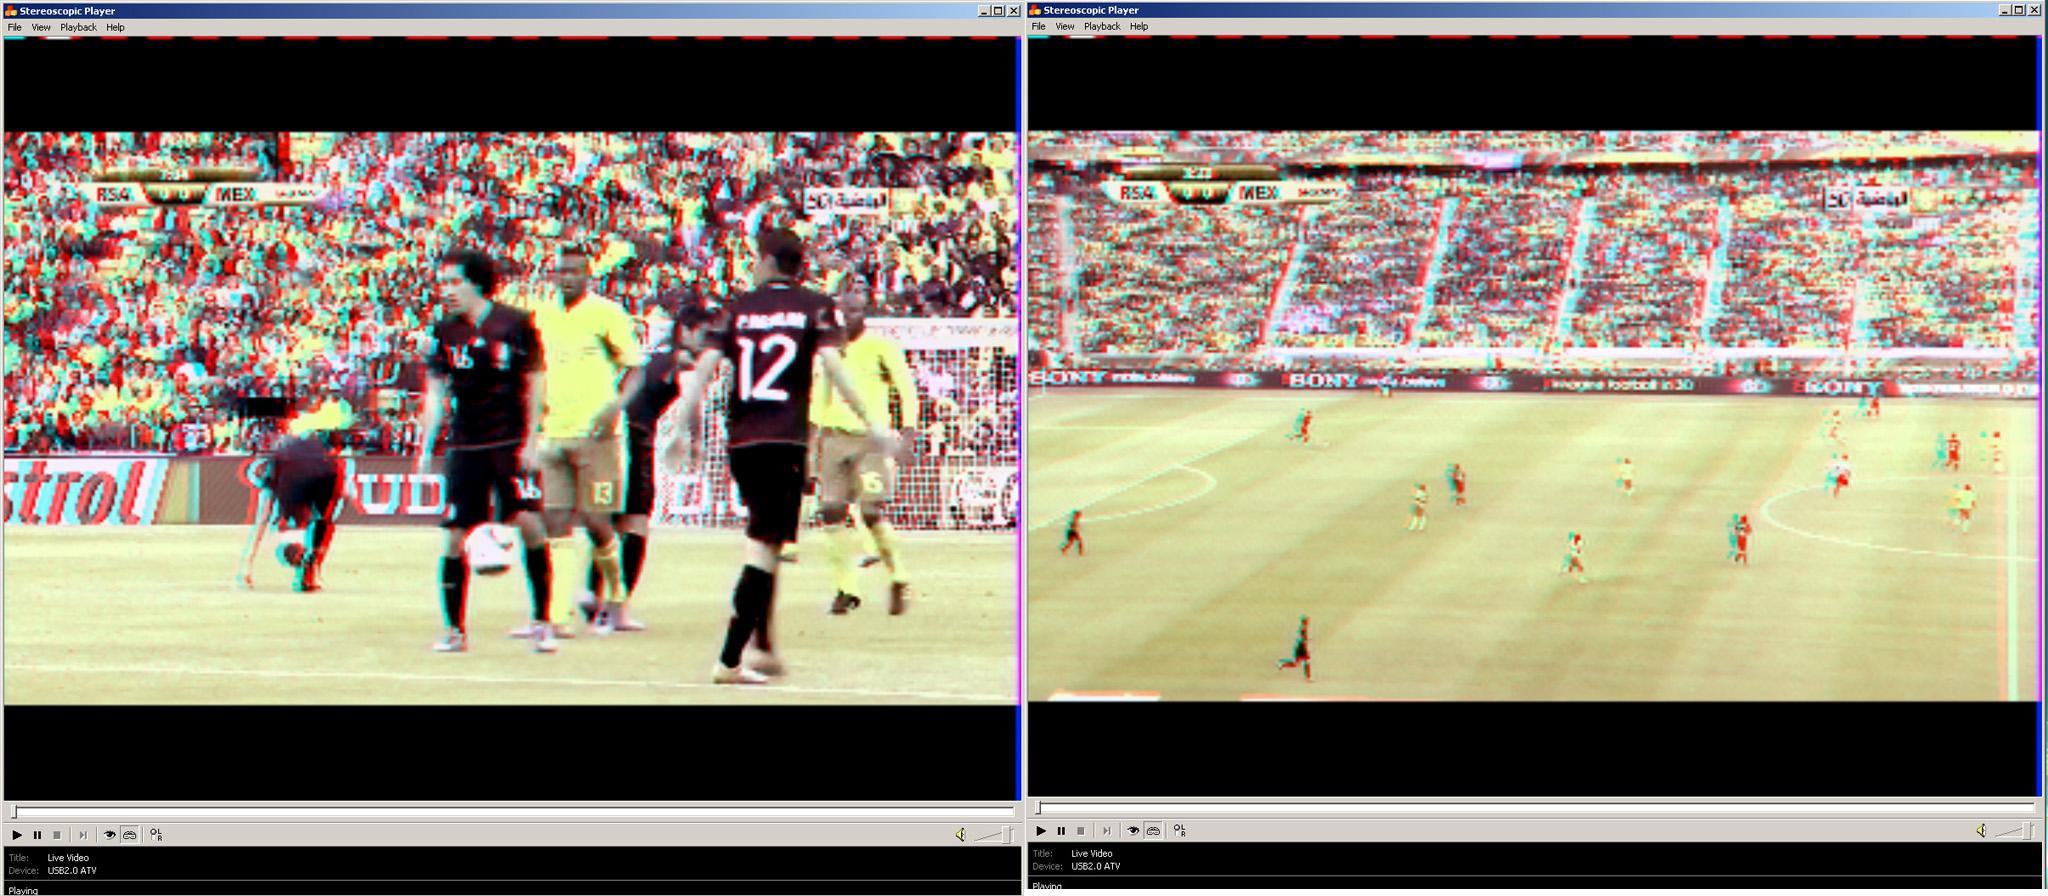 3D_depth_skew_FIFA_3D